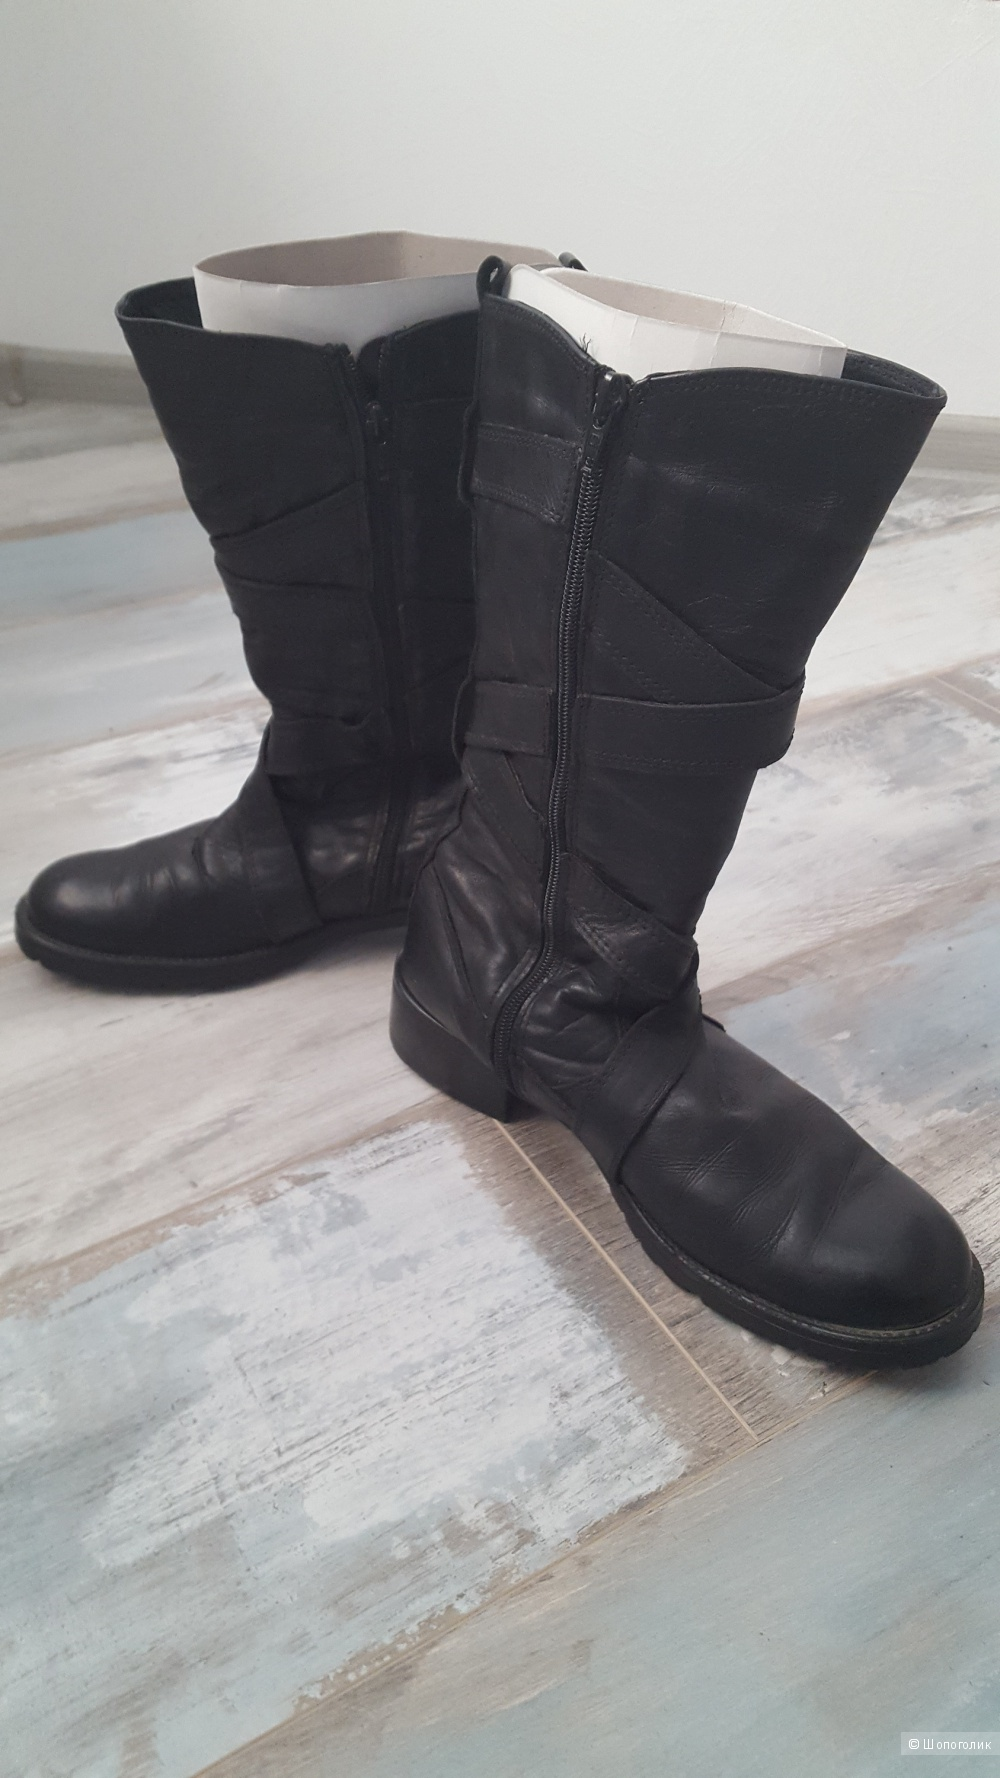 Демисезонные кожаные сапоги Tamaris, 39 р-р